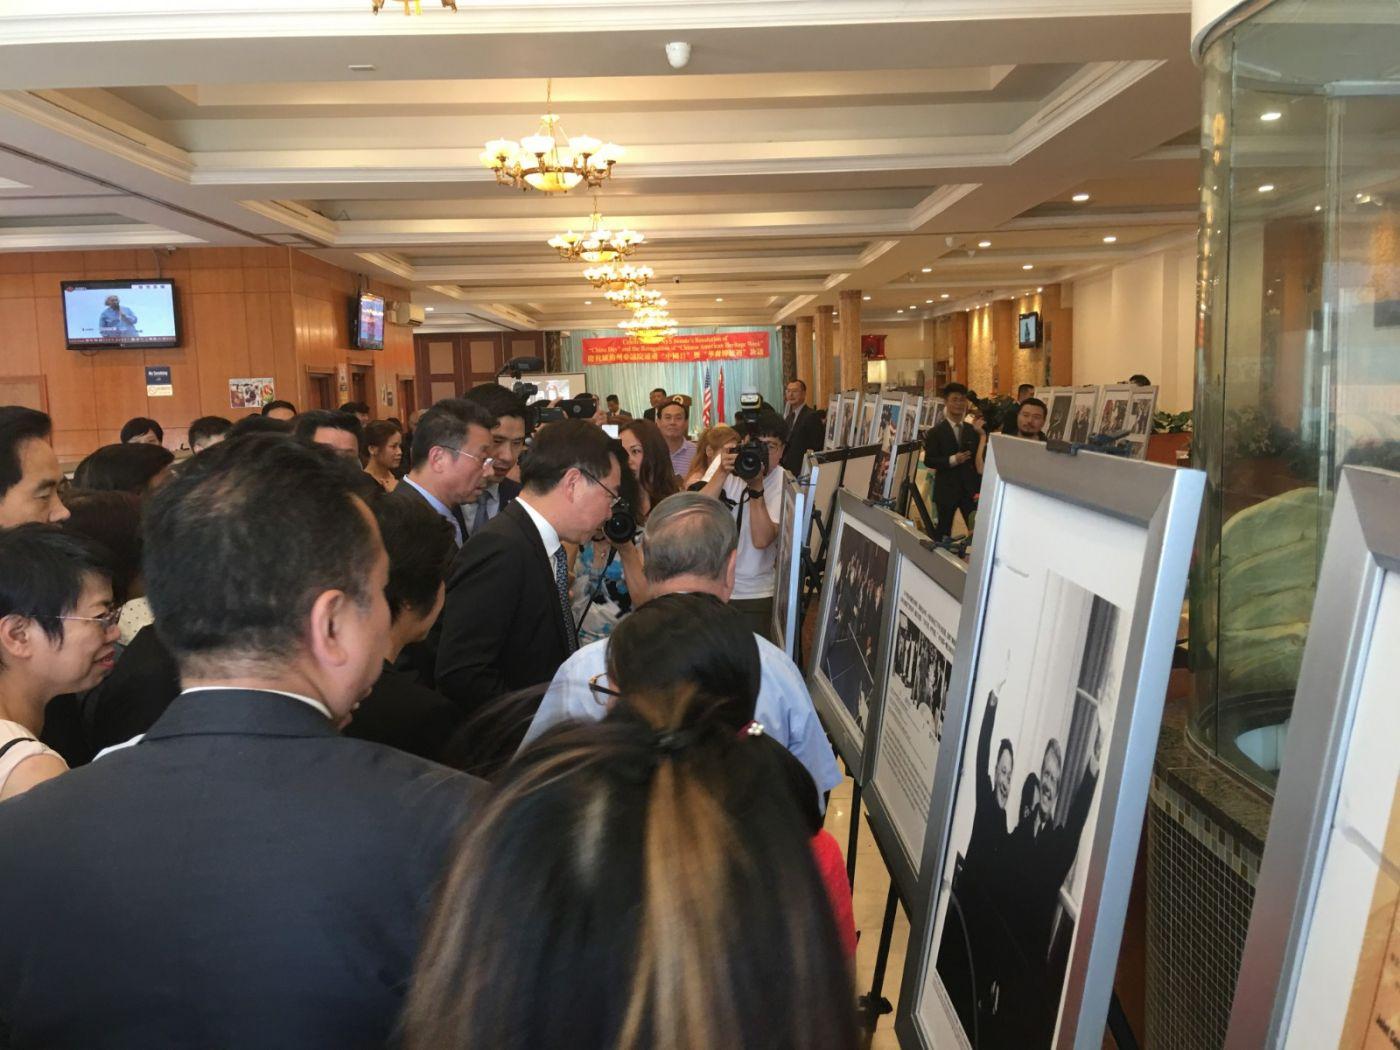 紐約州參議院通過「中國日」決議案慶祝会在紐約舉行_图1-2